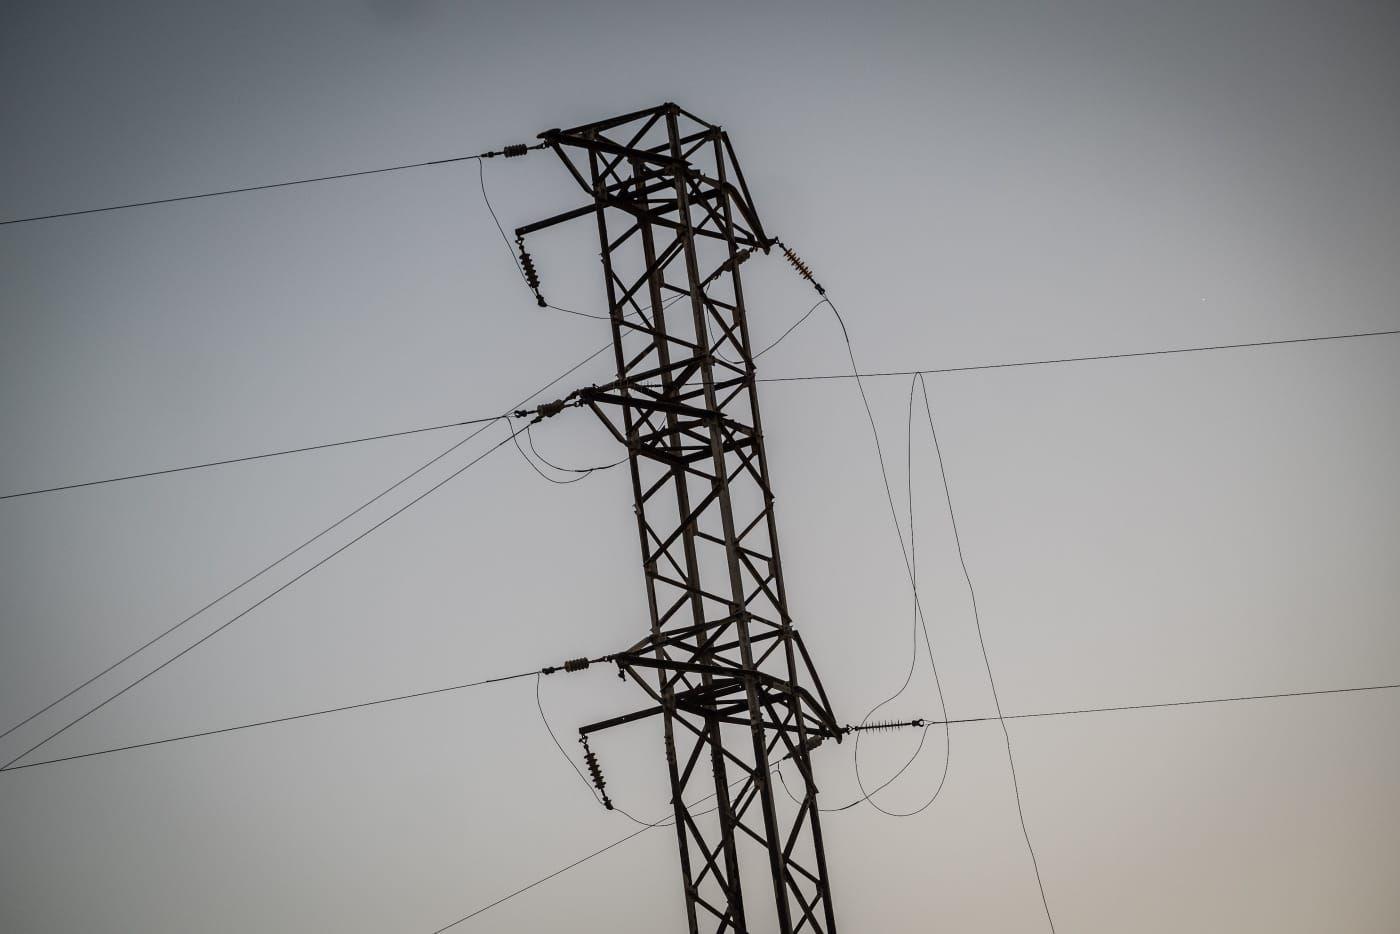 Una avioneta rompe unos cables eléctricos en Tenerife